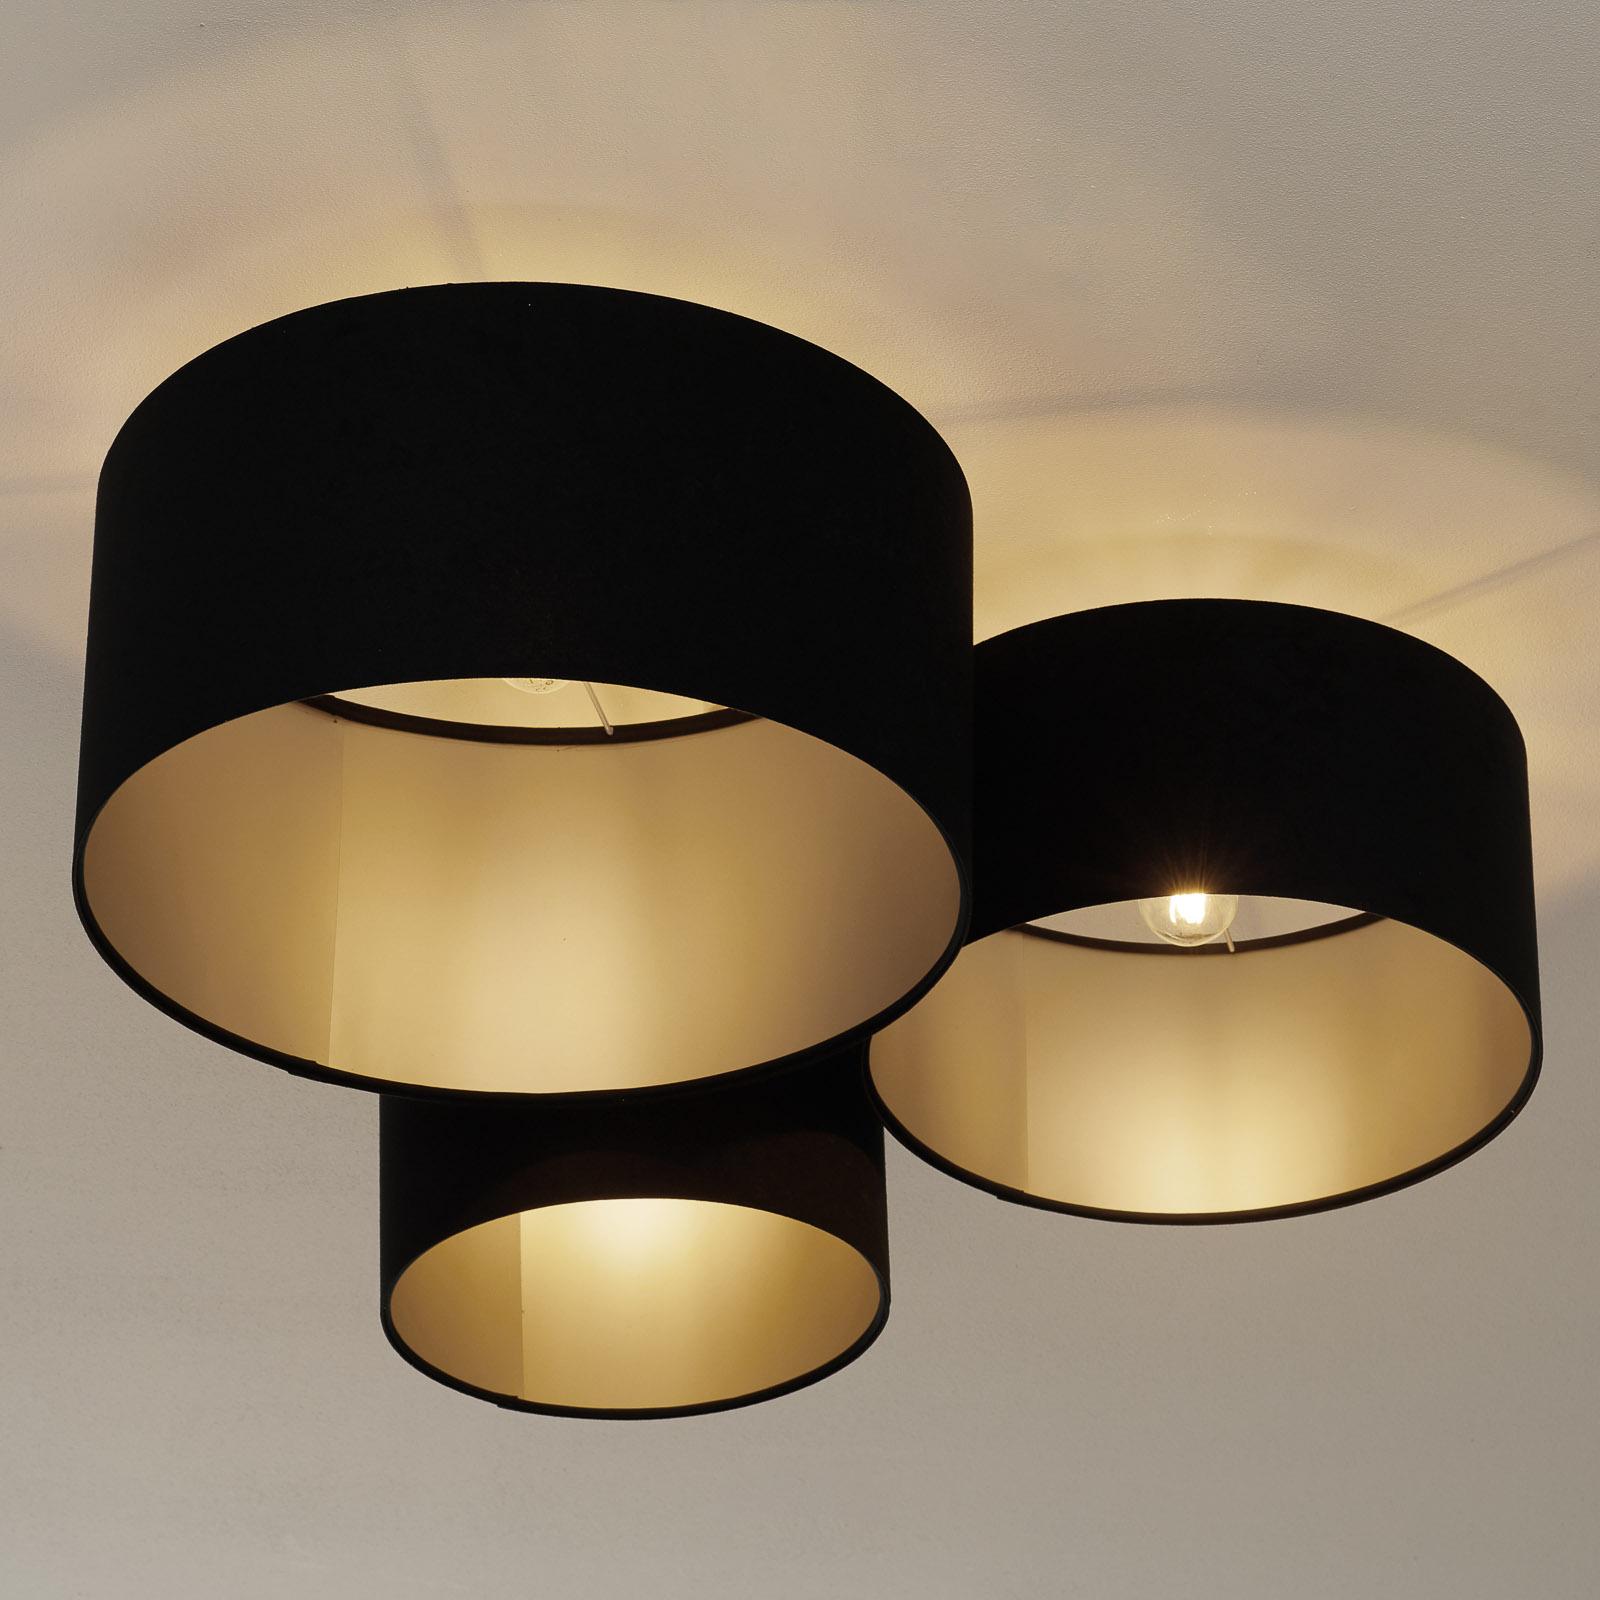 Taklampe 080, tre lyskilder, svart-sølv